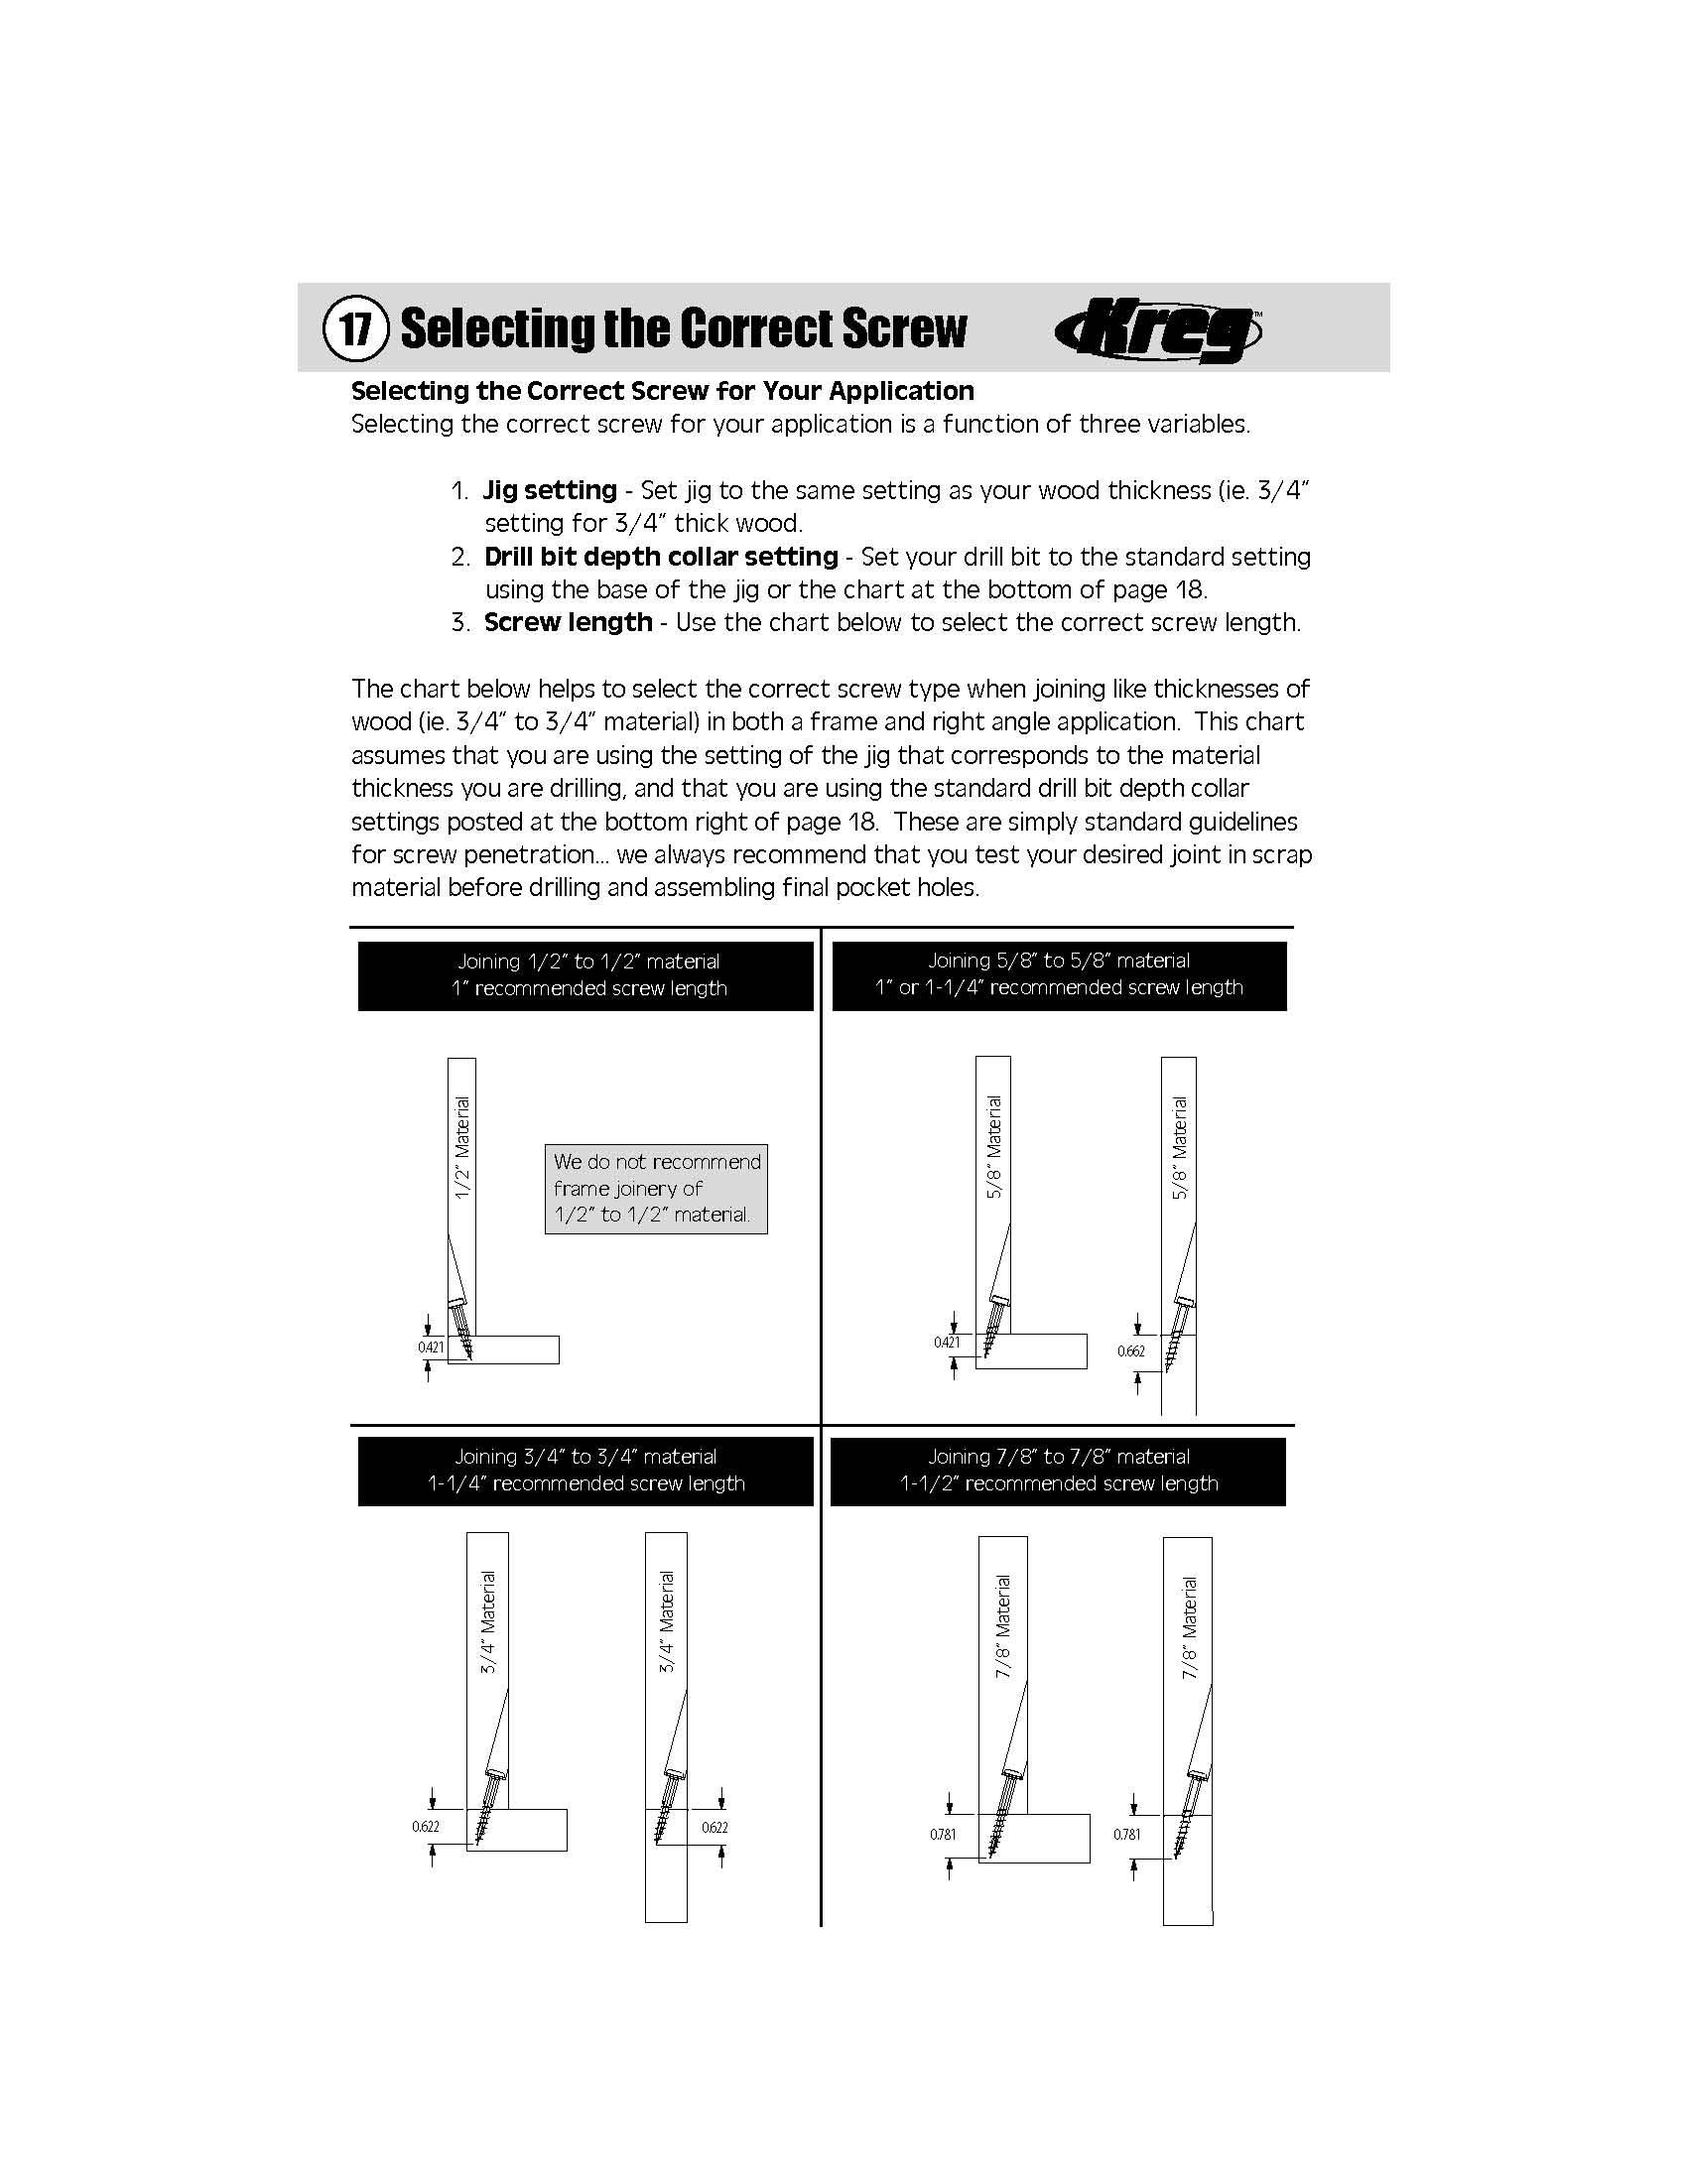 Kreg Screw Length Guide : screw, length, guide, Setting, Collar, 1-1/4